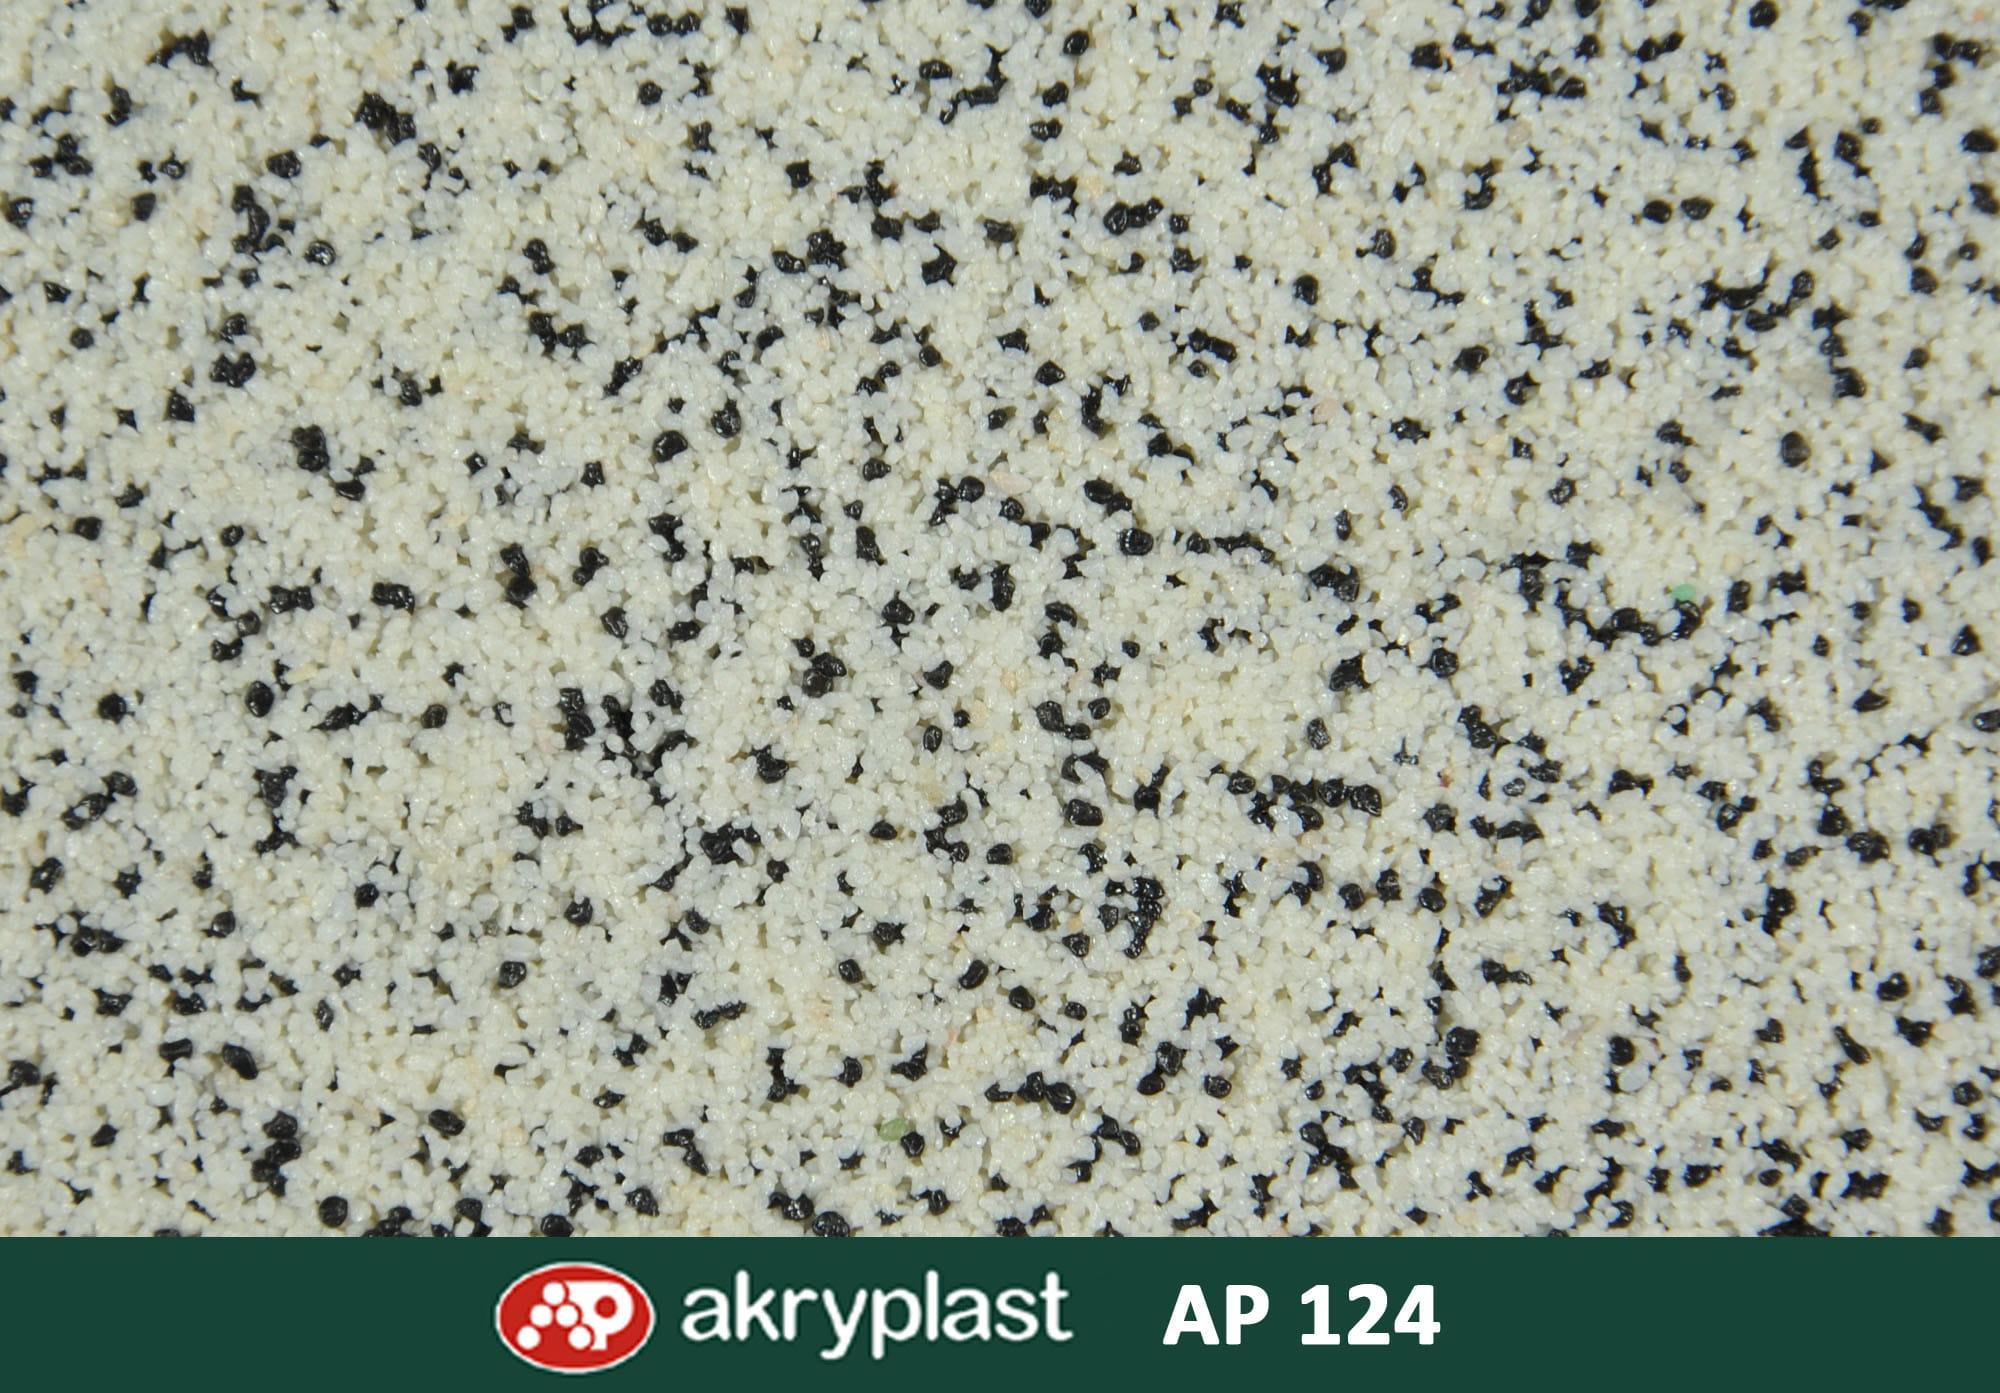 Tynk Mozaikowy Ap 124 Akryplast Producent Tynkow Mozaikowych